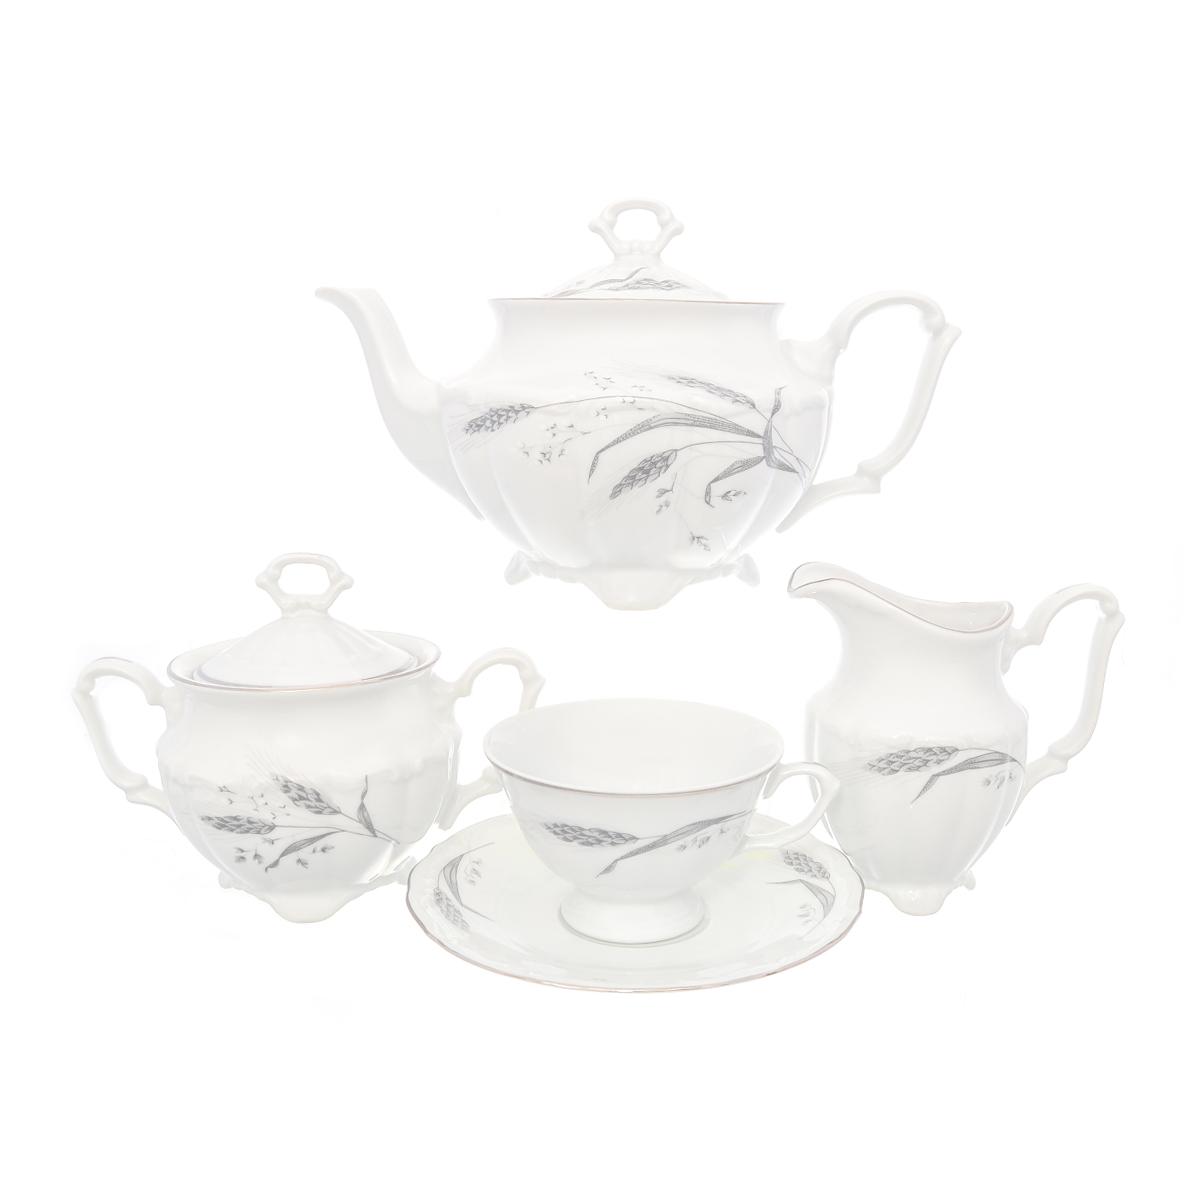 Чайный фарфоровый сервиз СЕРЕБРЯНЫЕ КОЛОСЬЯ (классическая чашка) от Repast на 6 персон, 15 предметов